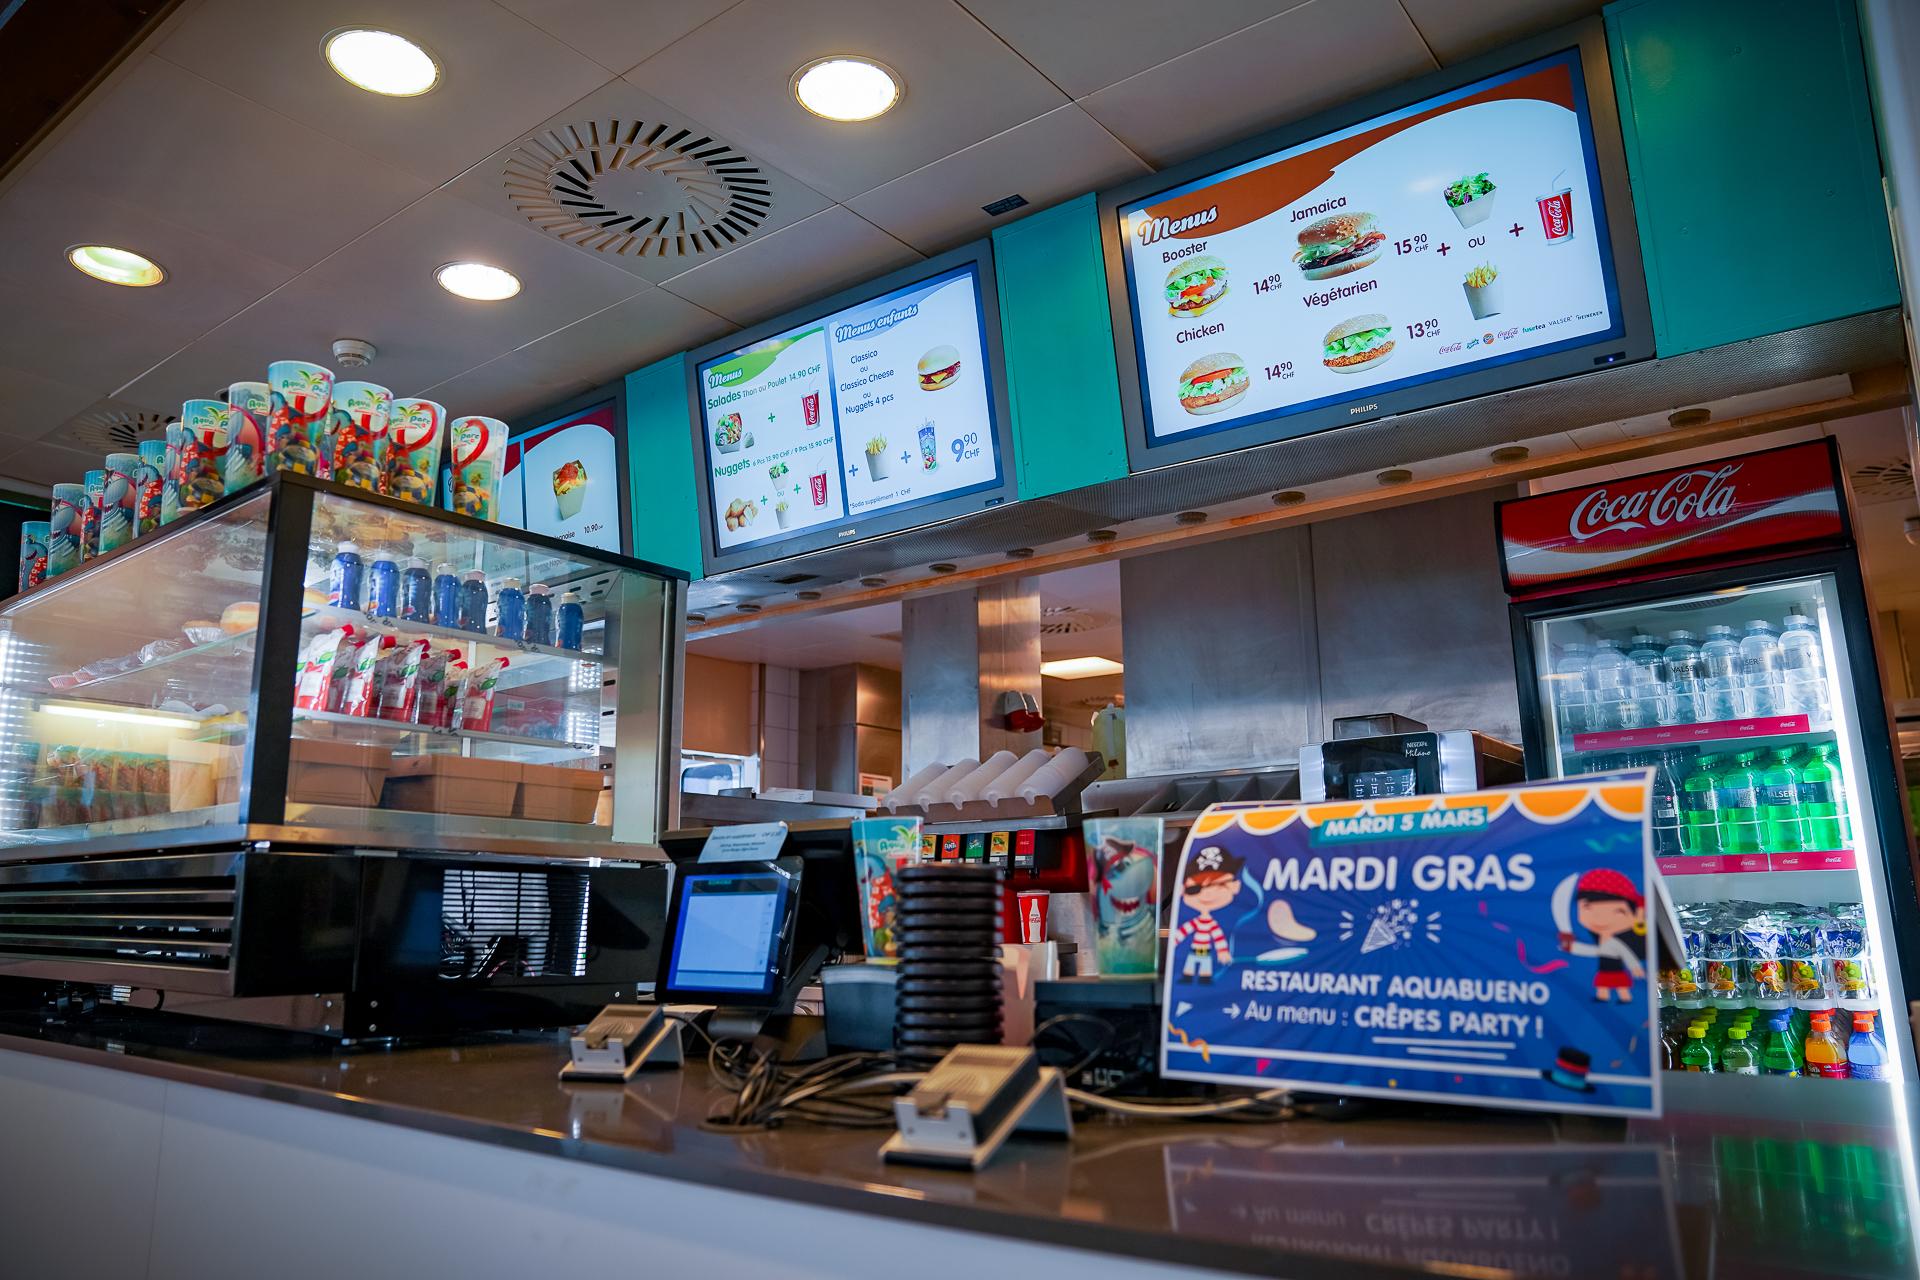 Ecrans avec digital signage/affichage dynamique pour restaurant.